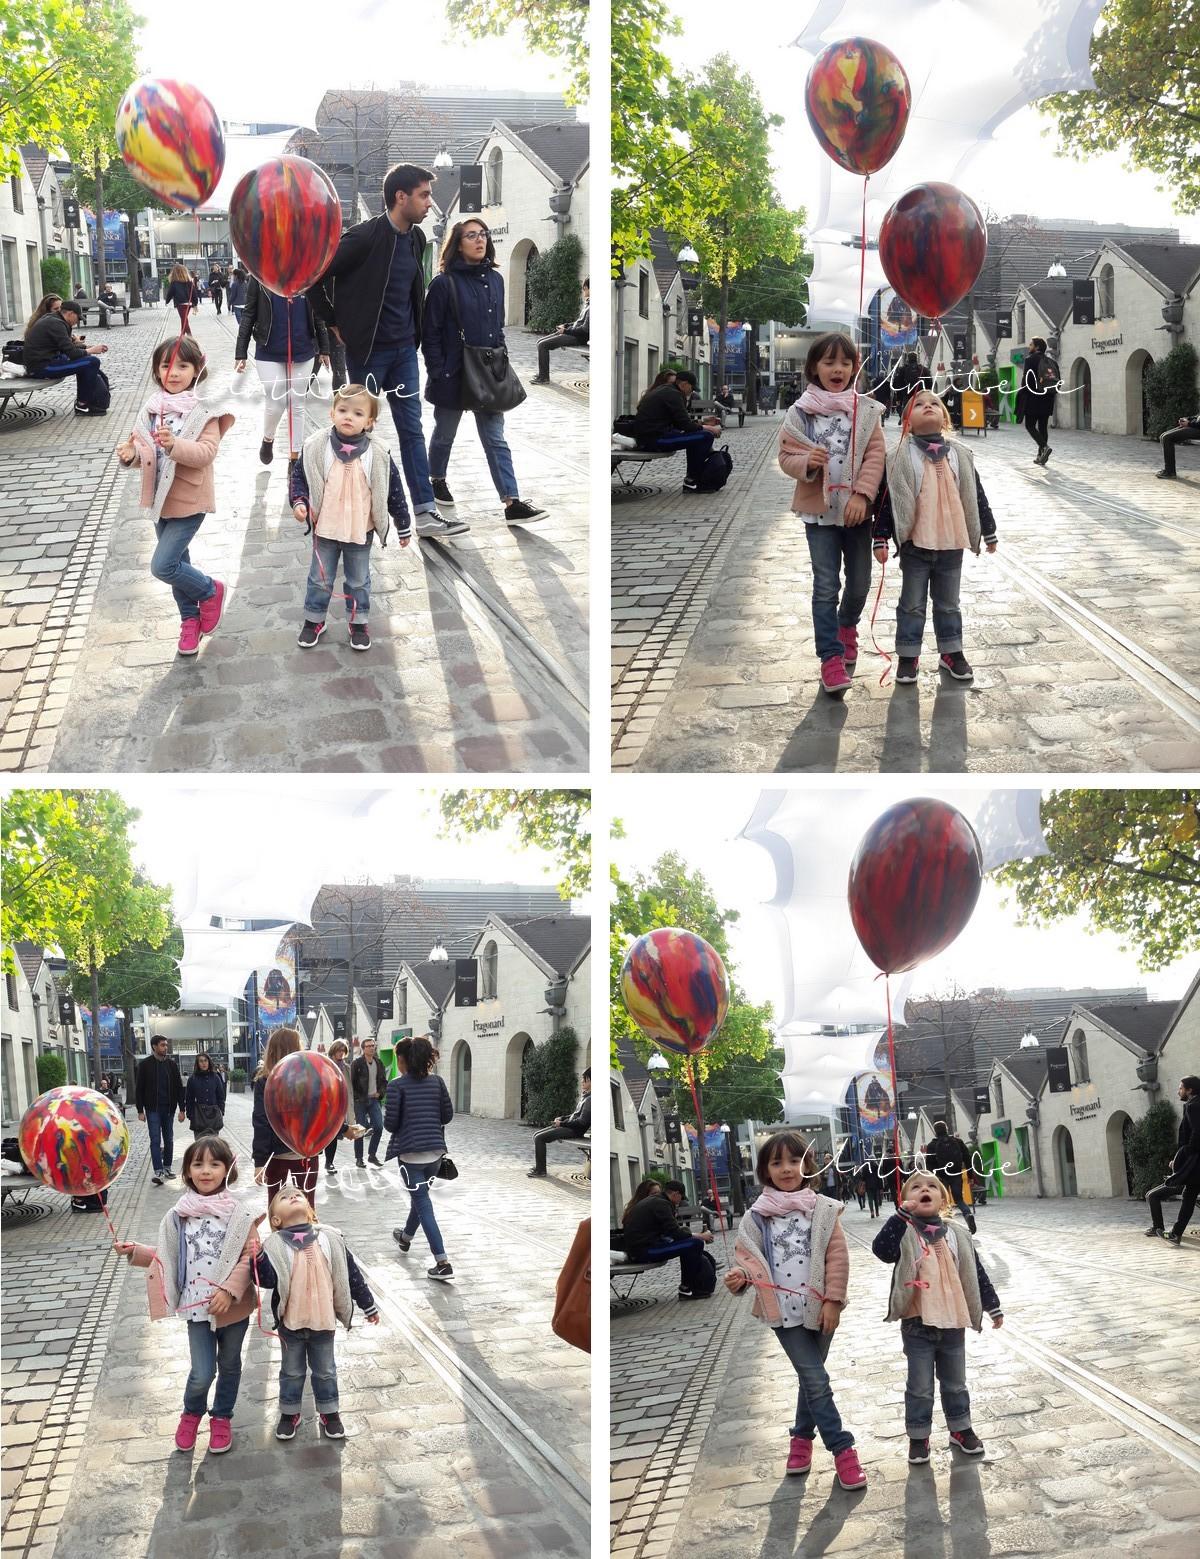 un-mercredi-avec-nous-ballons-helium-enfant